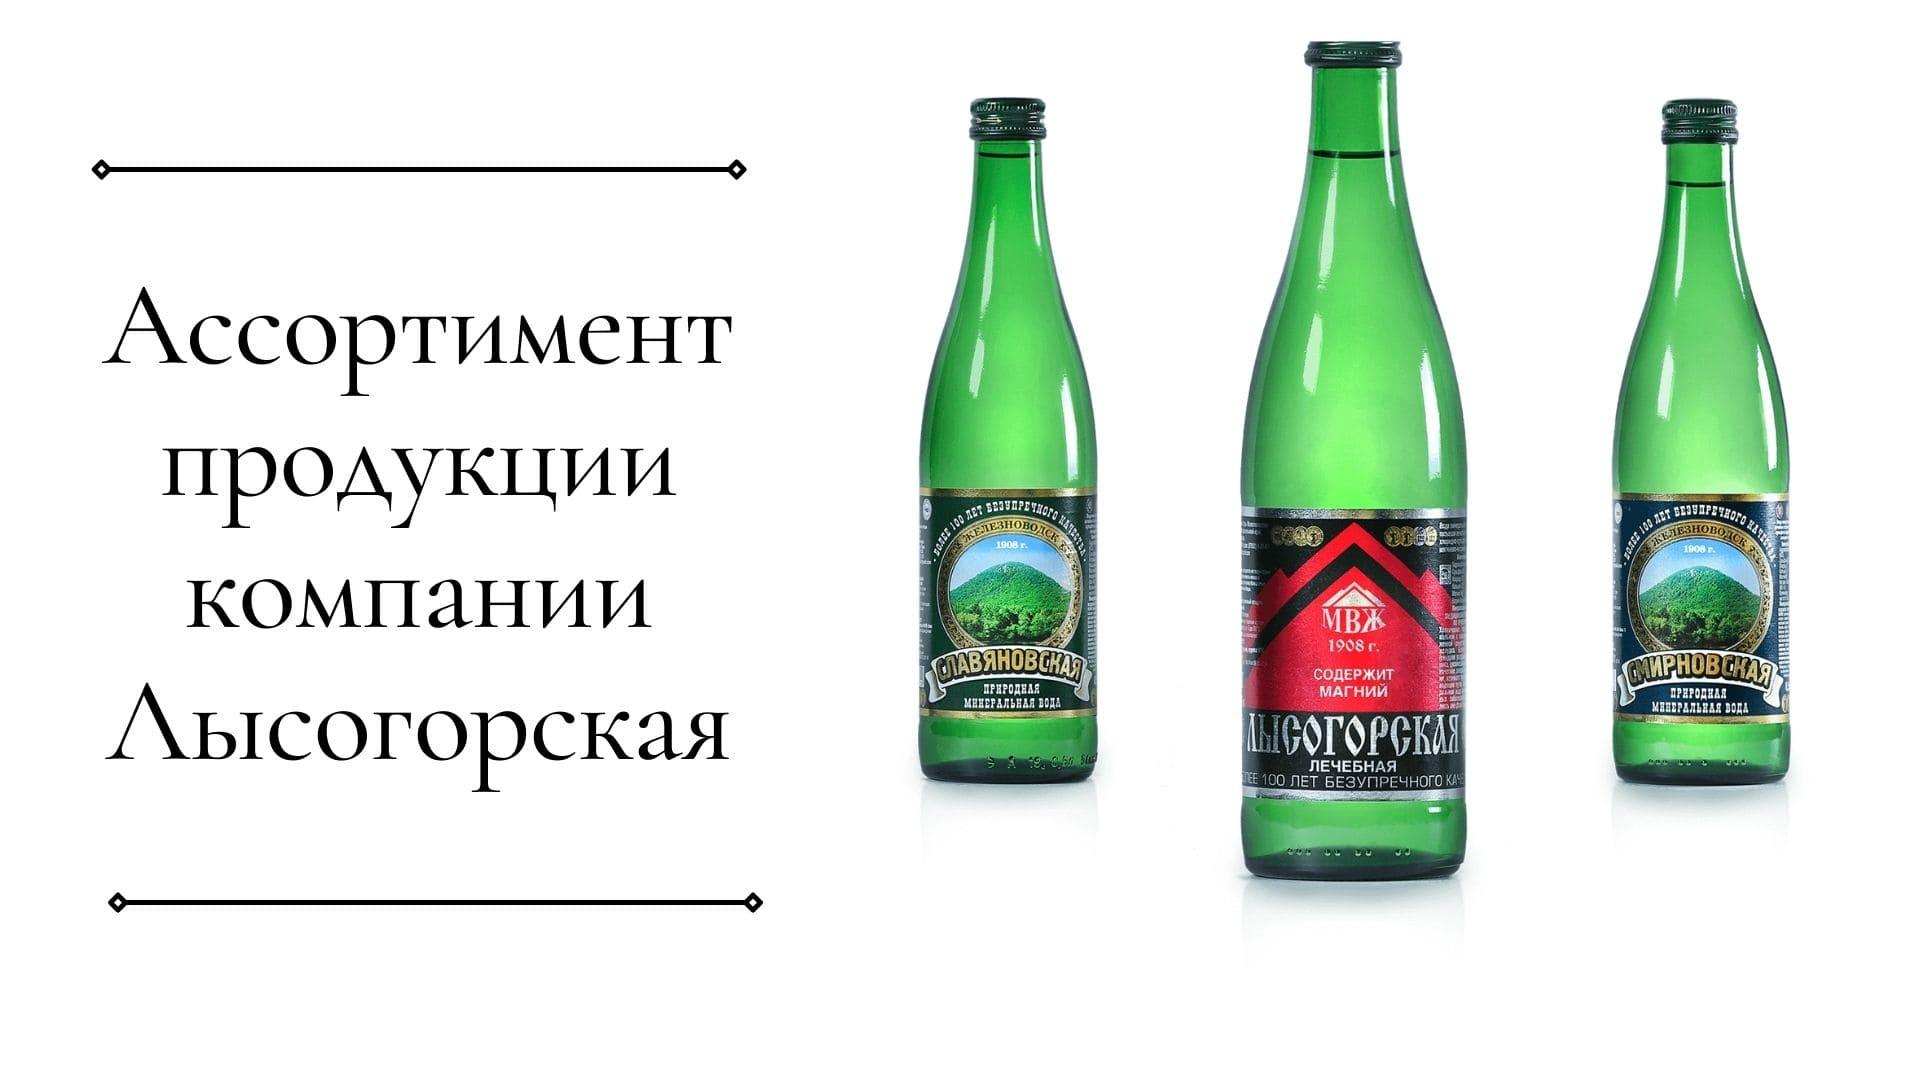 Ассортимент воды Лысогорская